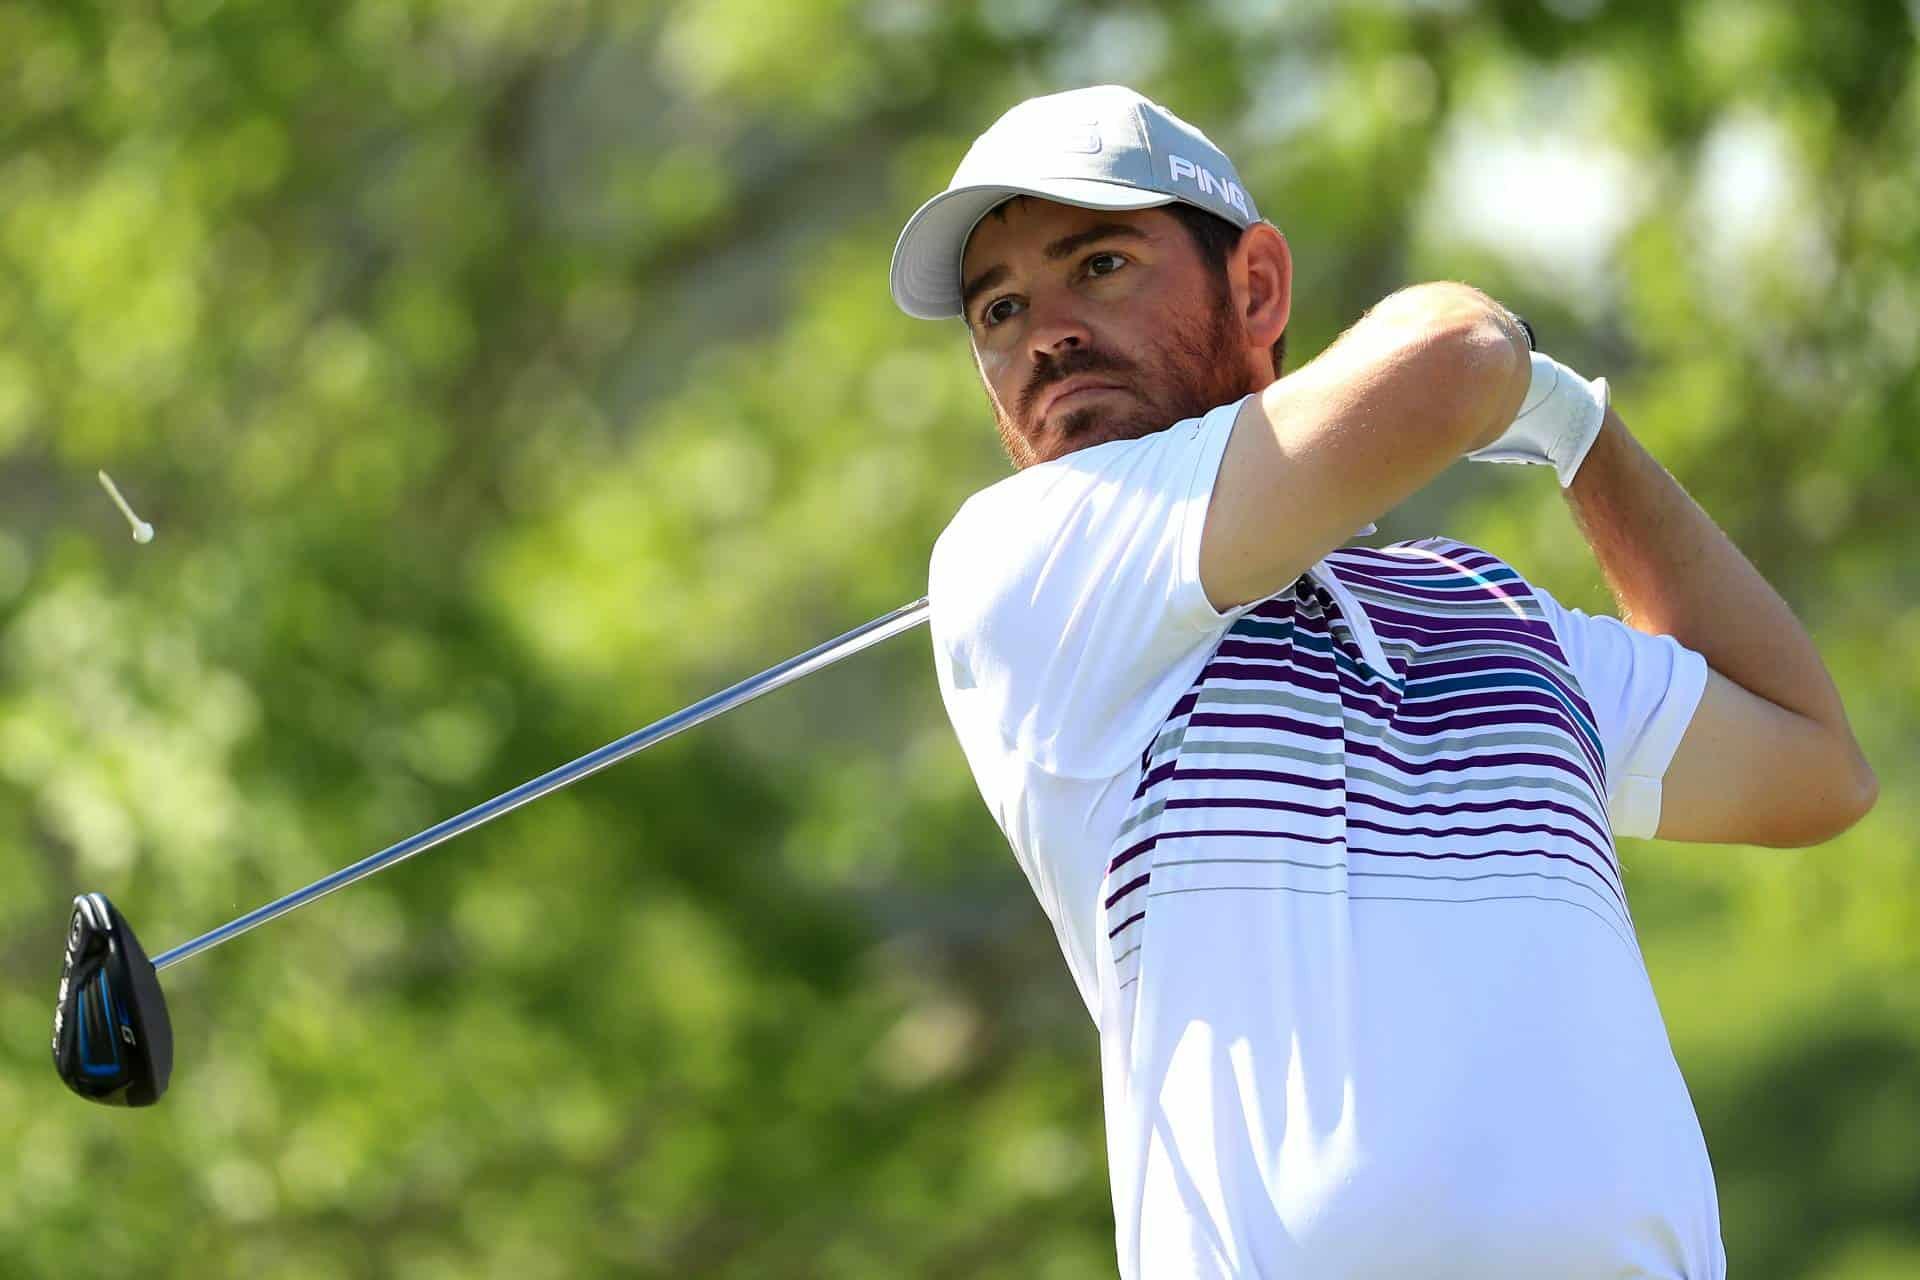 Louis Oosthuizen golf swing